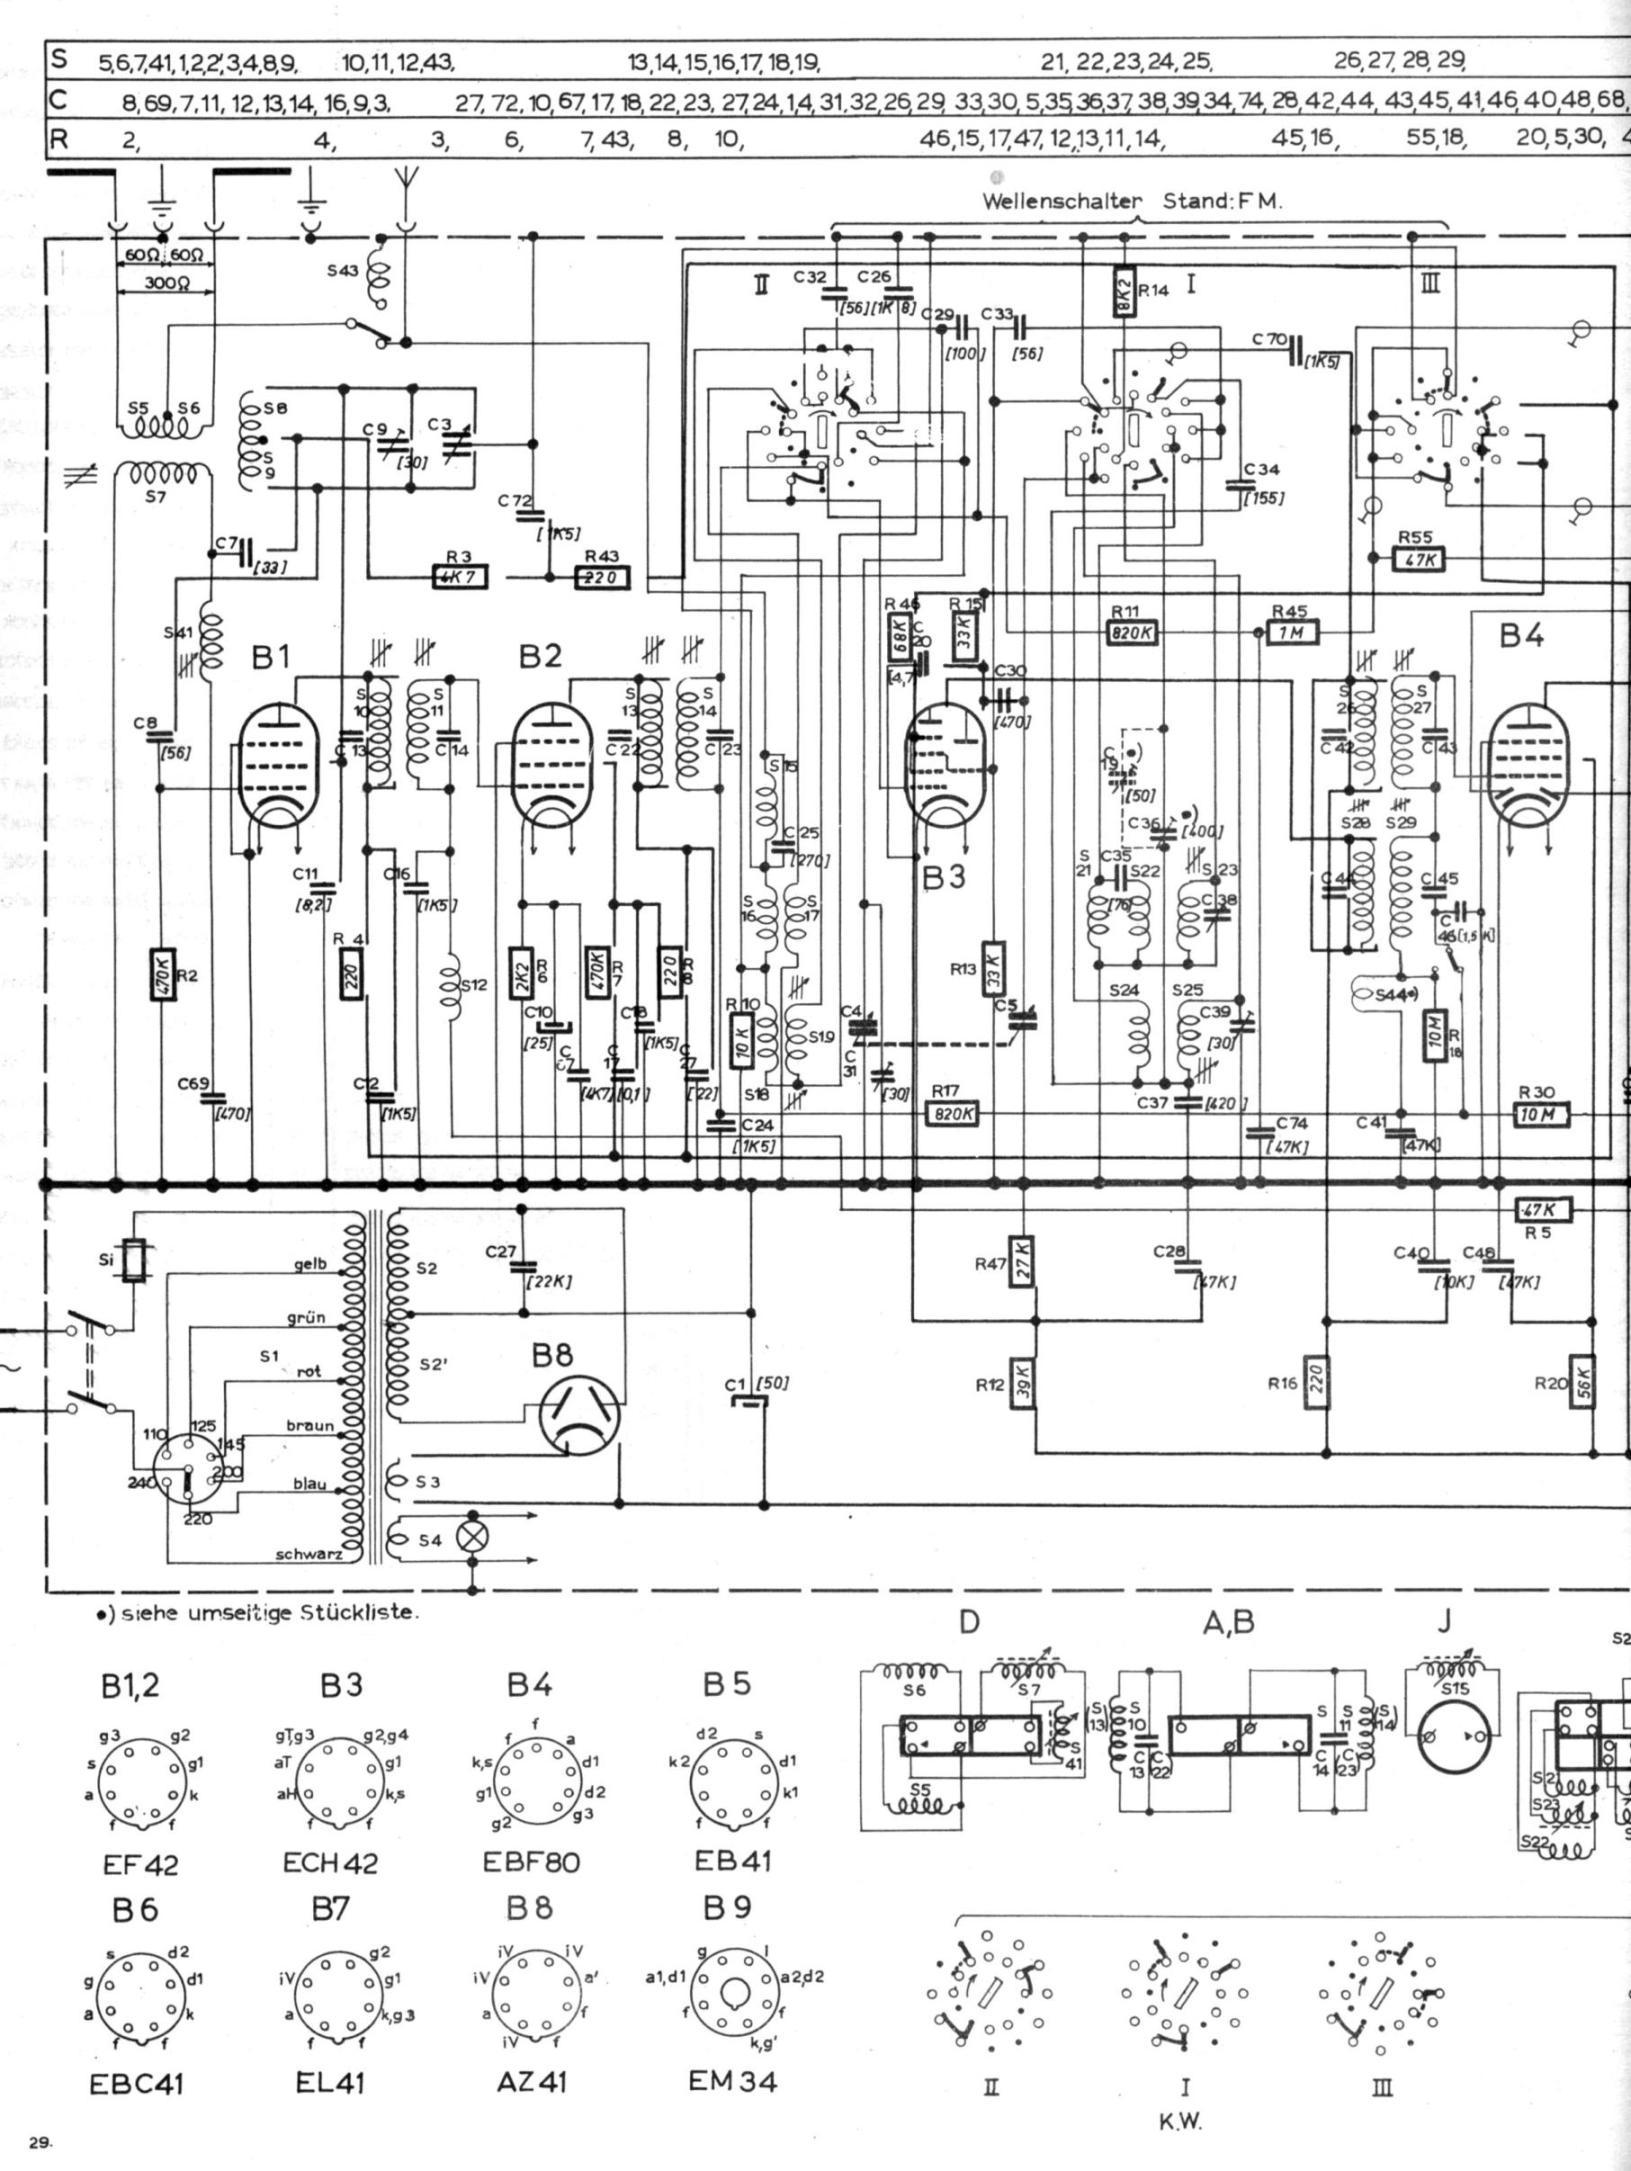 Erfreut 2008 Saturn Schaltplan Galerie - Elektrische Schaltplan ...